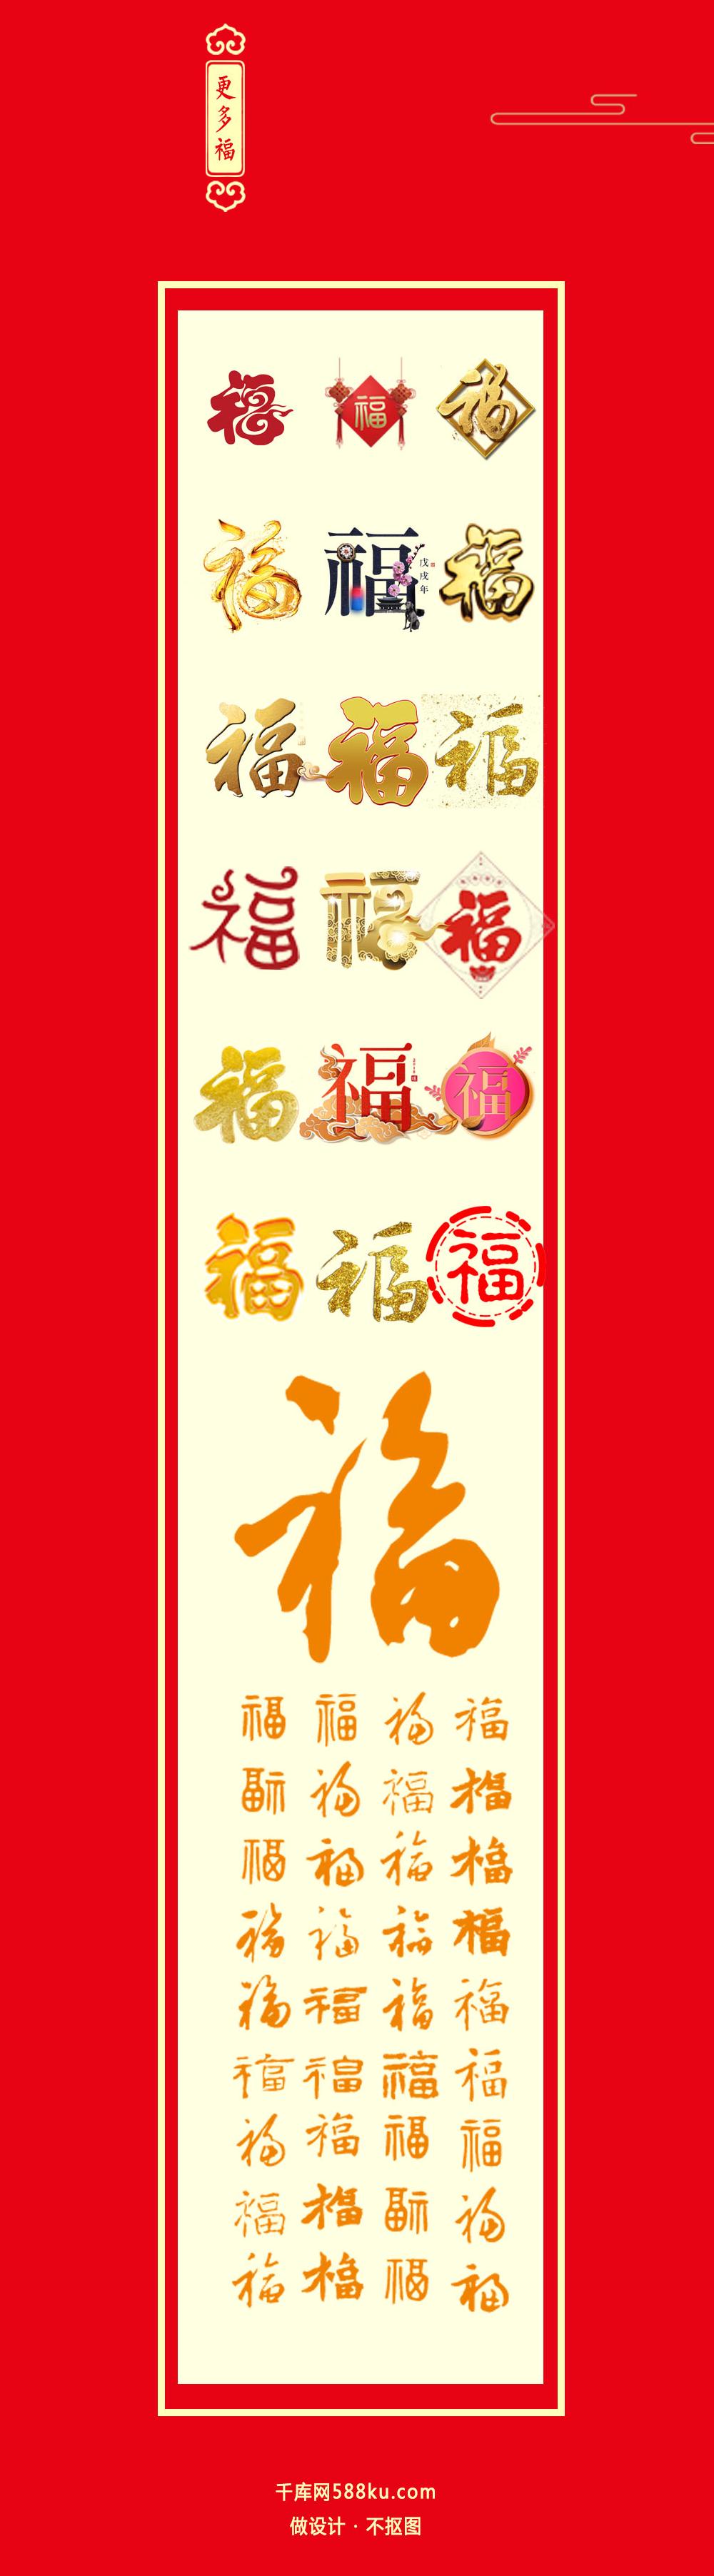 福字长图_03.png